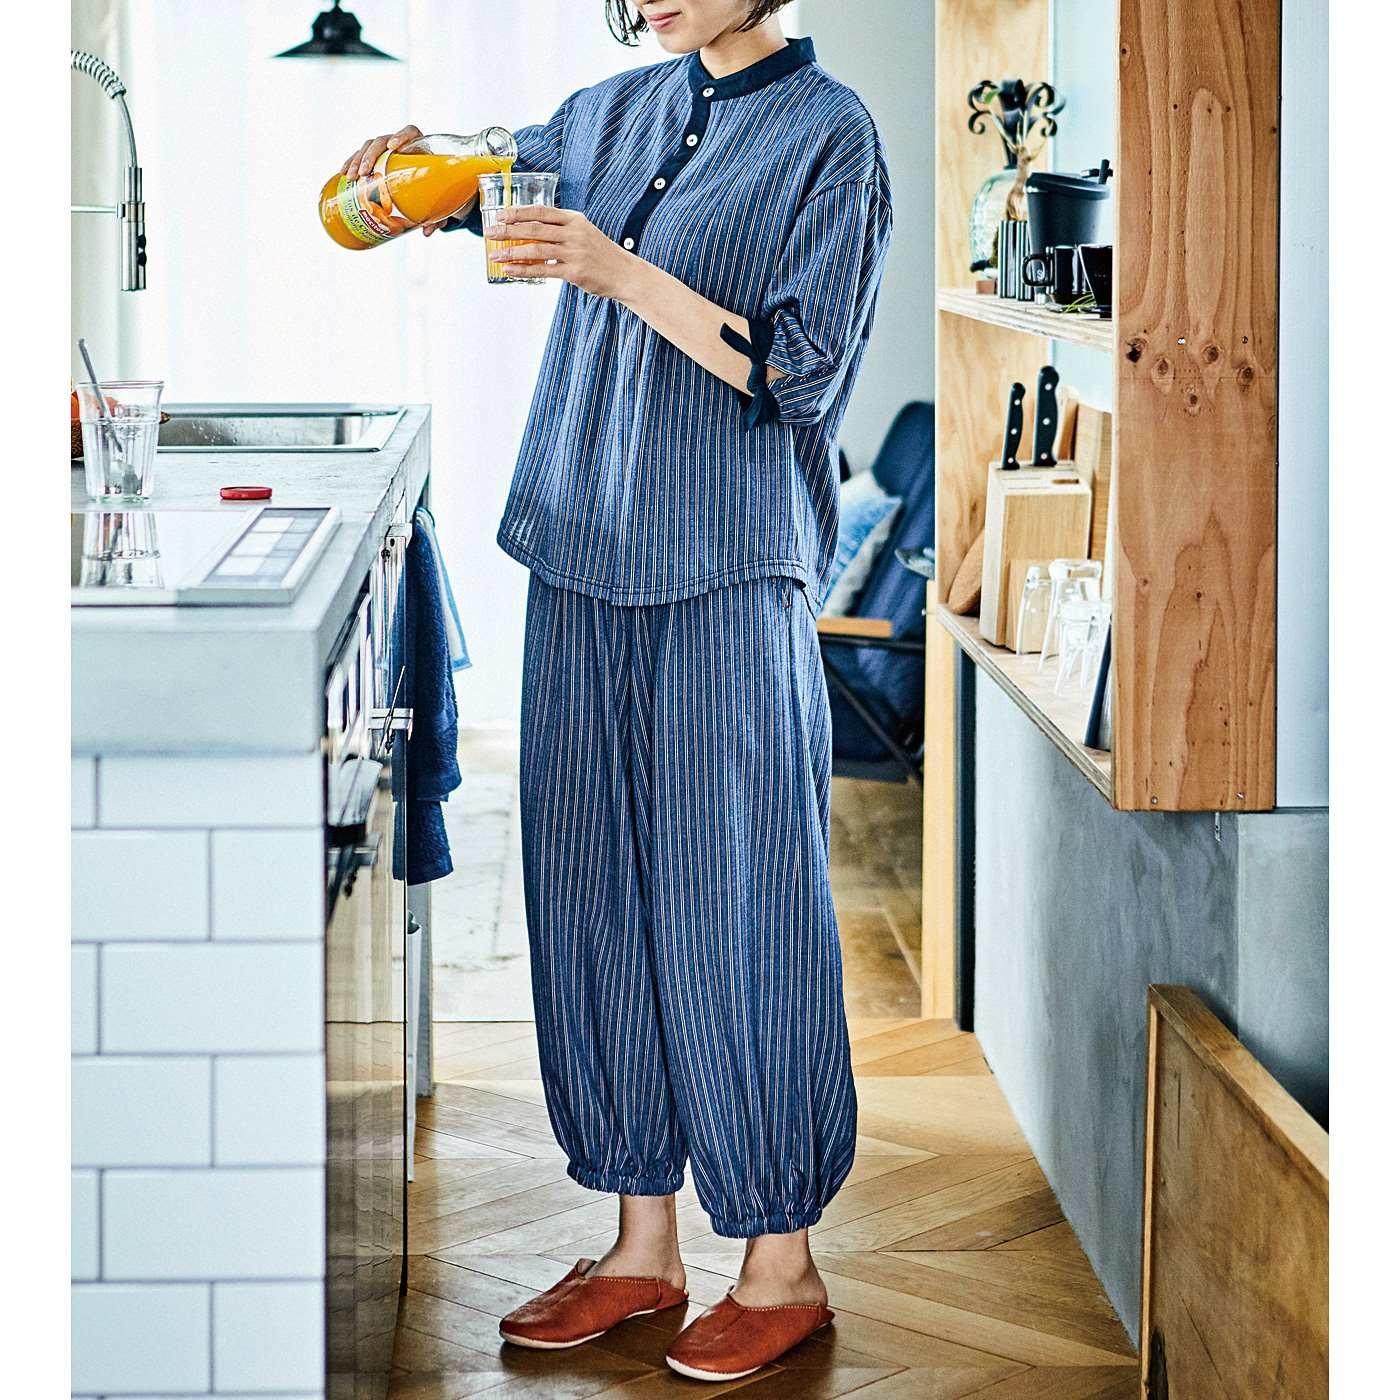 フラウグラット 布帛(ふはく)見えするのに実はらくちん ちょっと外にも部屋着にもそのまま寝られるウェアセットの会